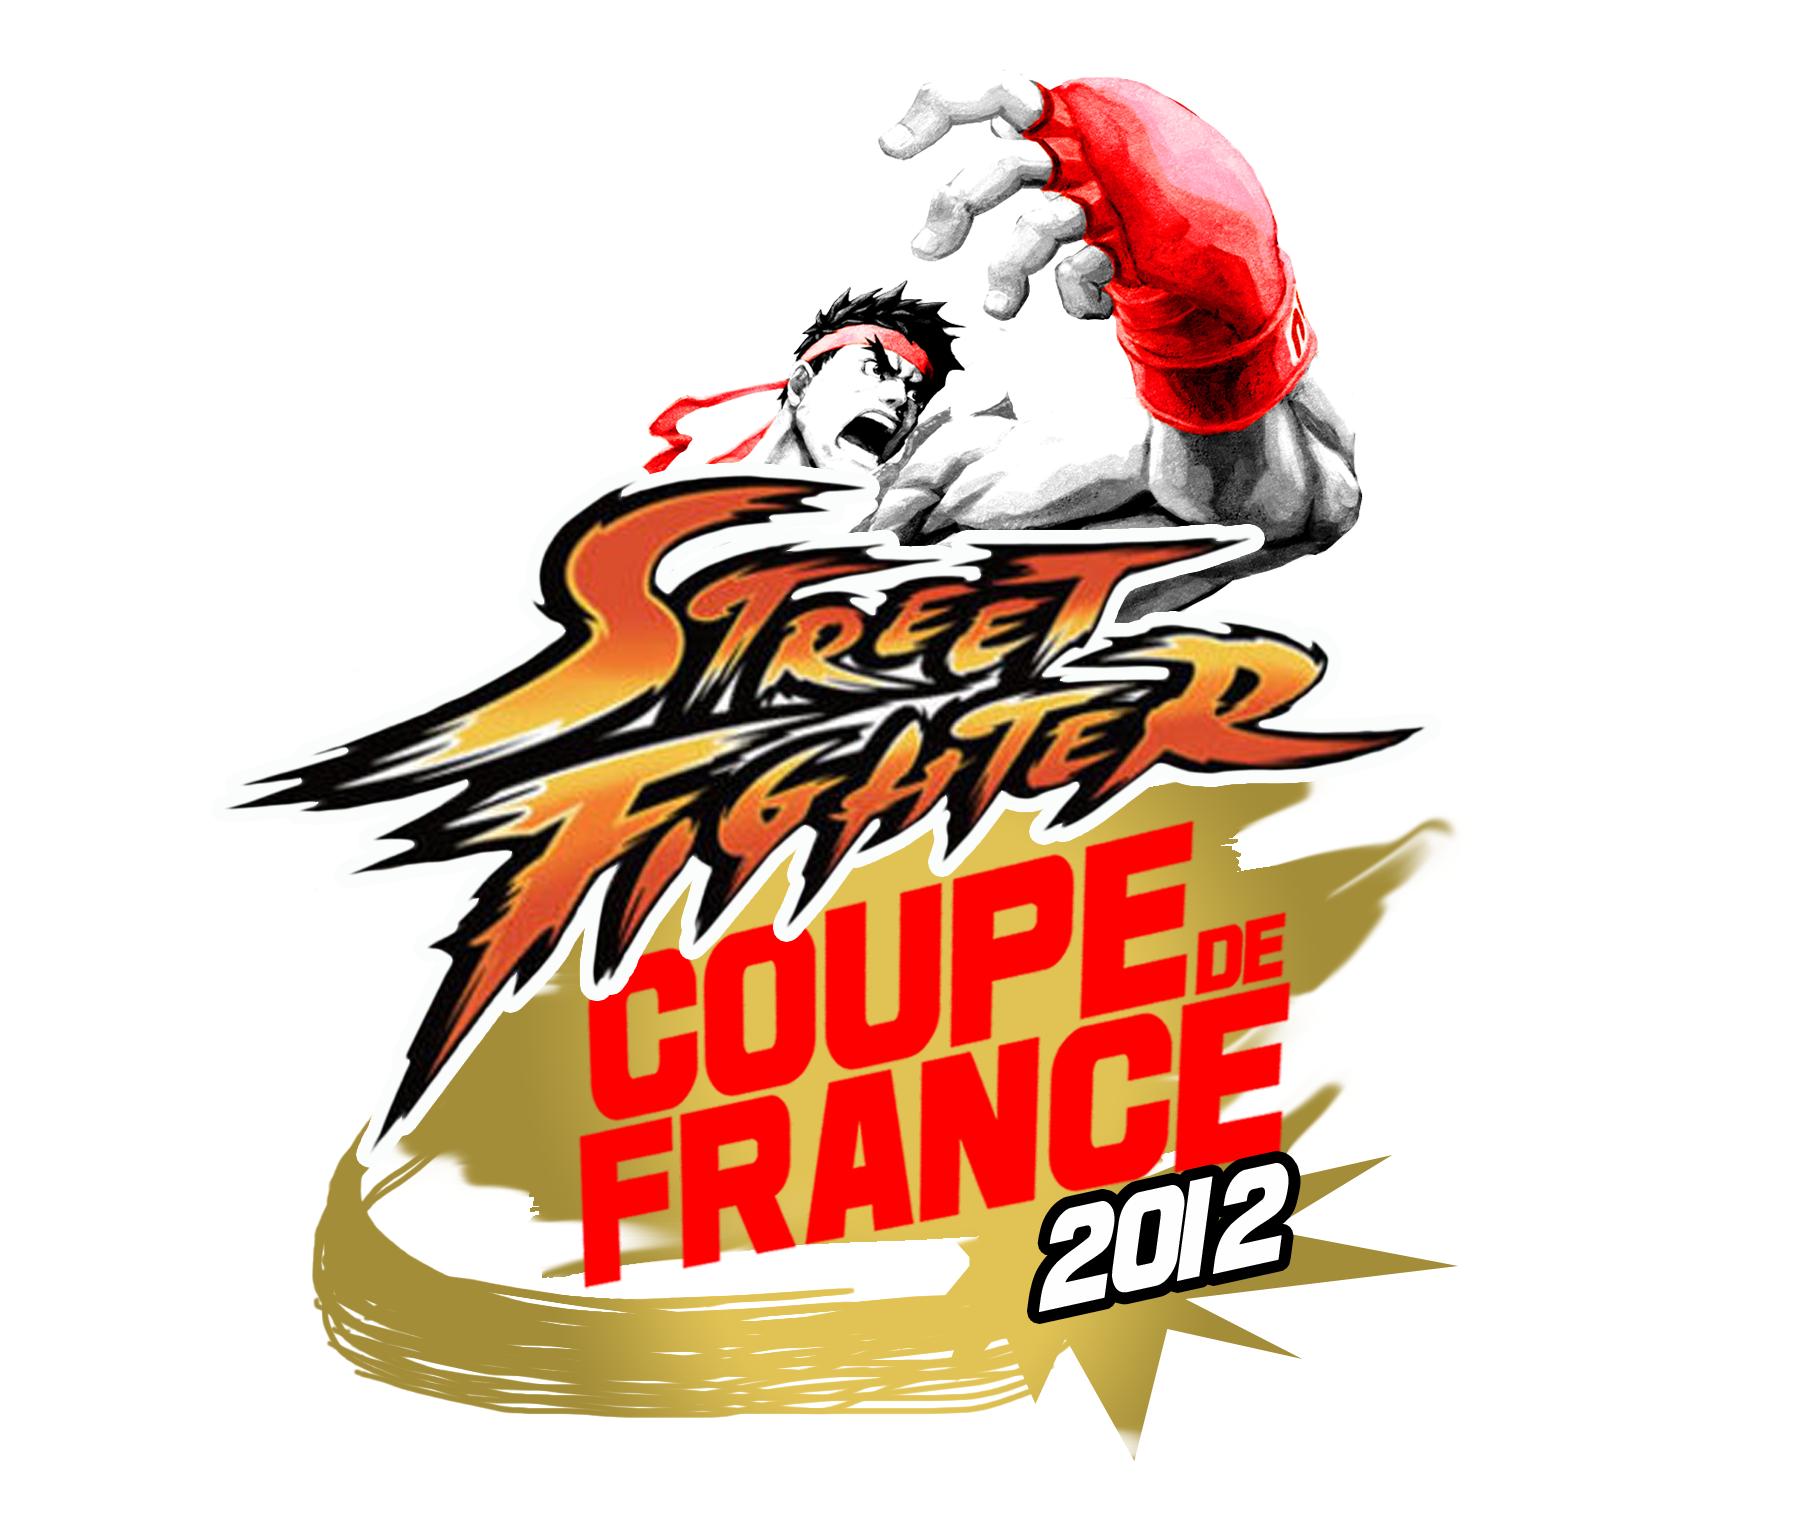 Tout sur La Coupe de France de Street Fighter 2012 (ou presque…)